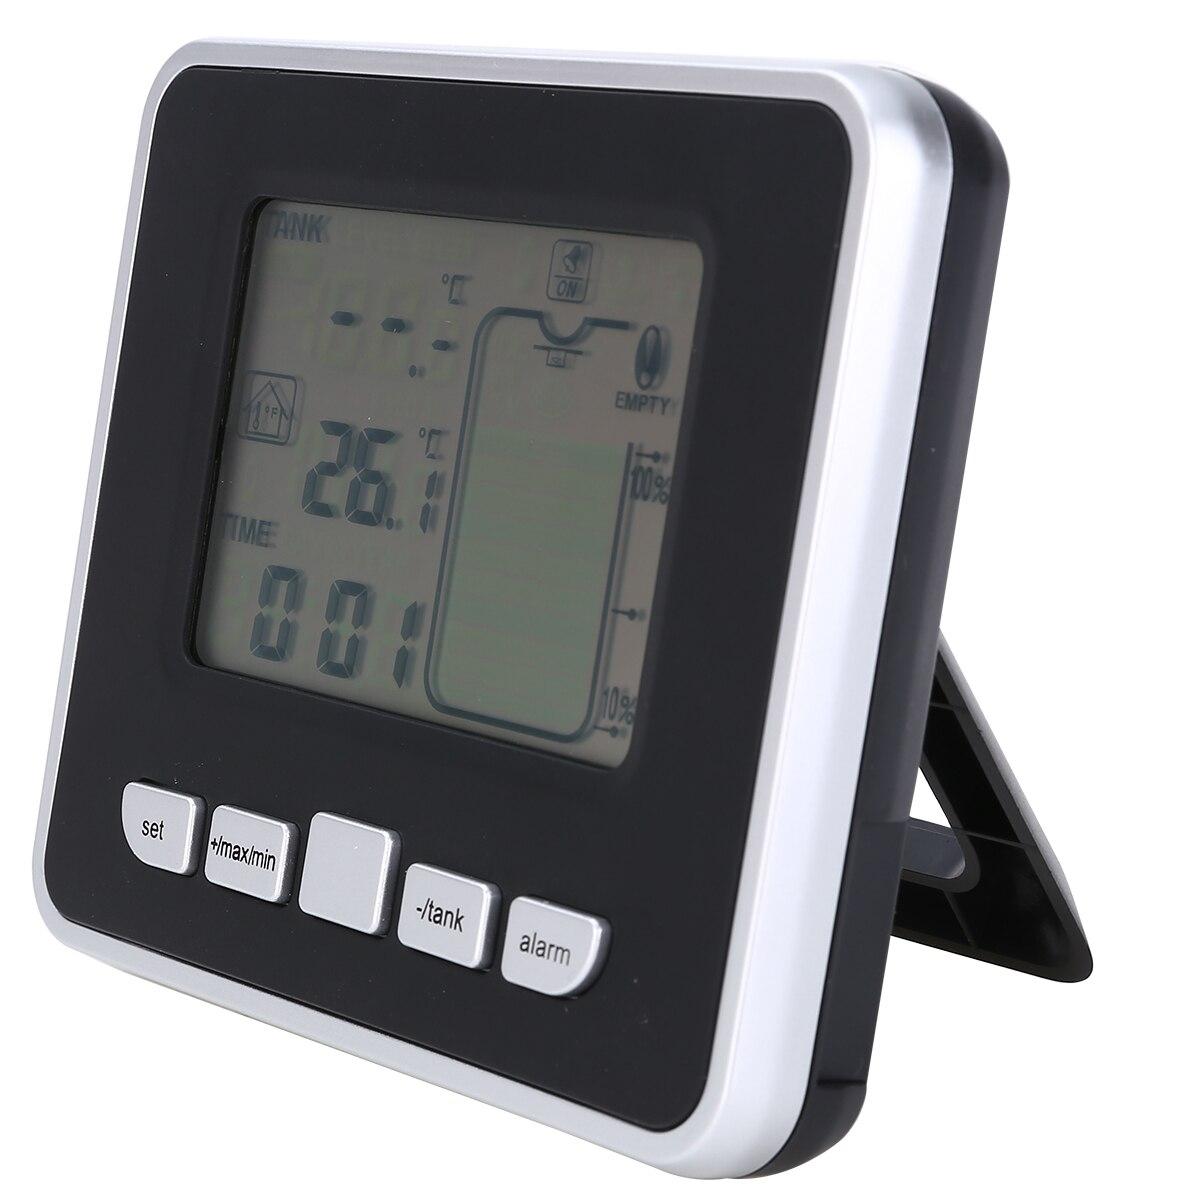 Ultrasonic Water Tank Level Meter Temperature Sensor Low battery Liquid Depth Indicator Time Alarm Transmitter Measuring Tools